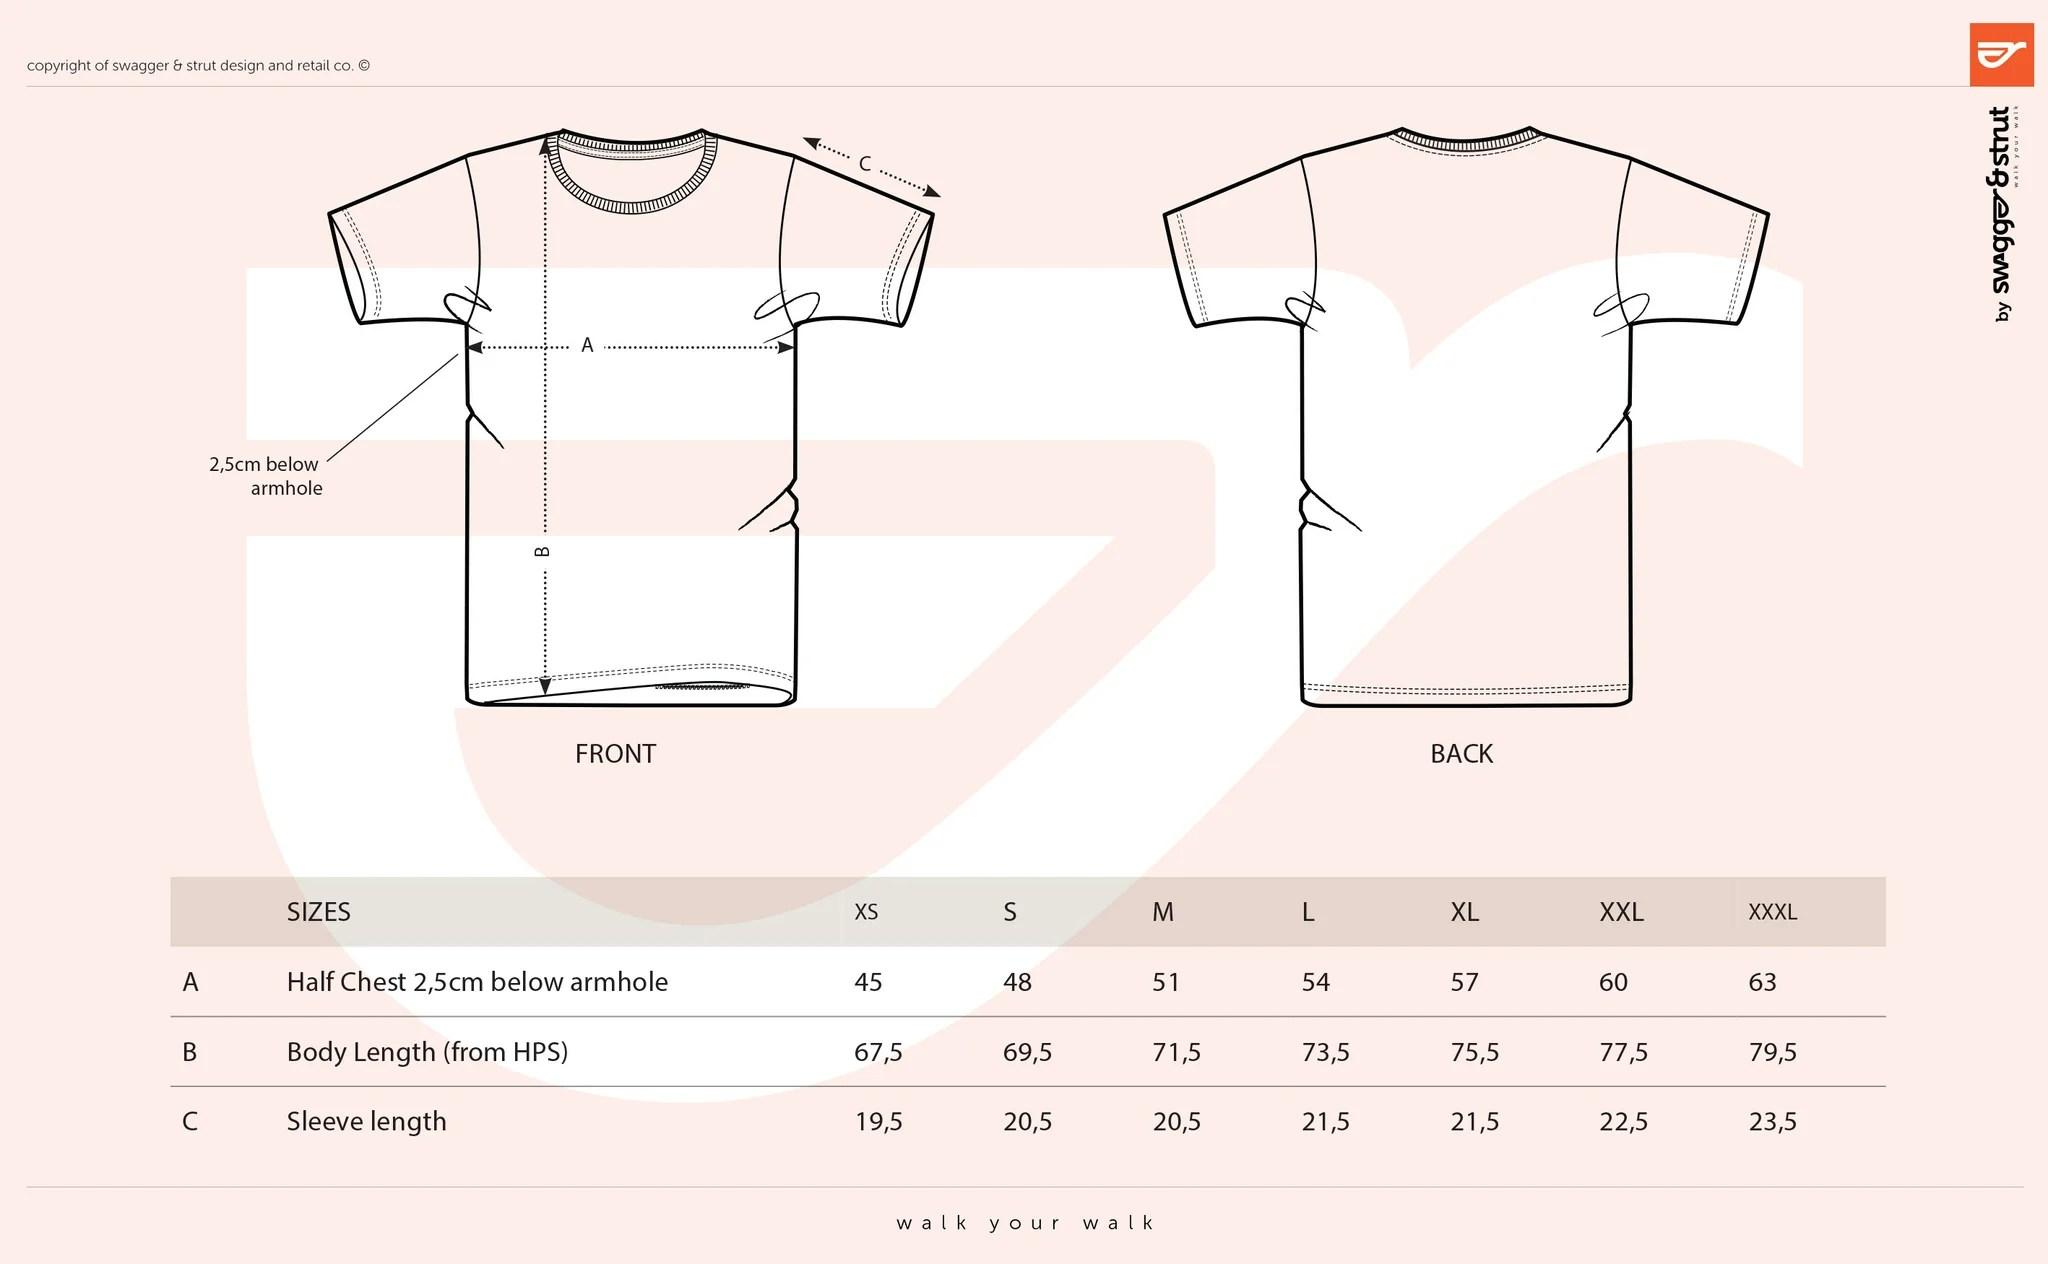 100 organic round neck t shirt size chart measurements shirt diagram template shirt diagram template [ 2048 x 1264 Pixel ]